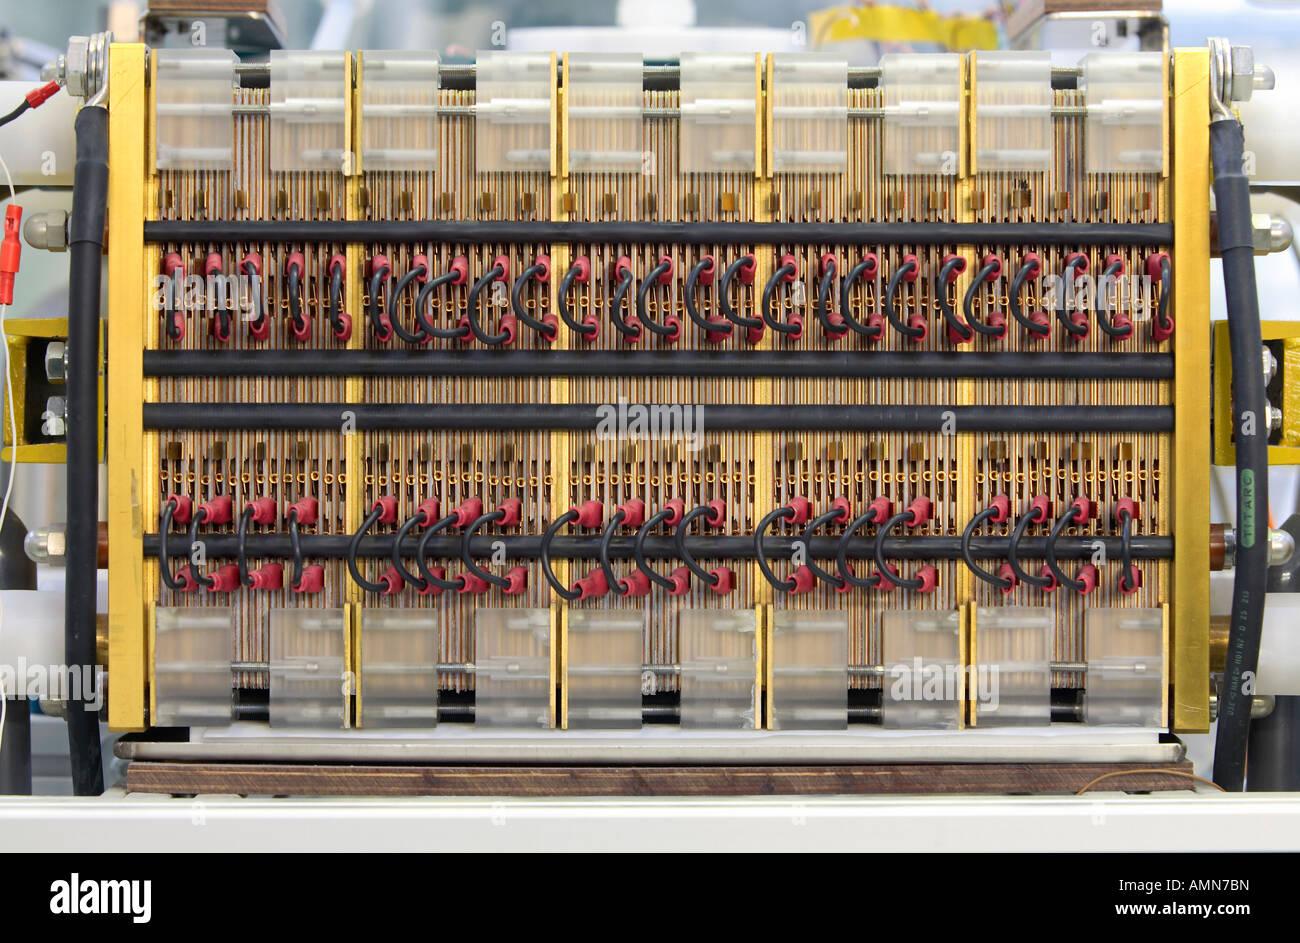 Una pila de células de combustible, Juelich, Alemania Imagen De Stock